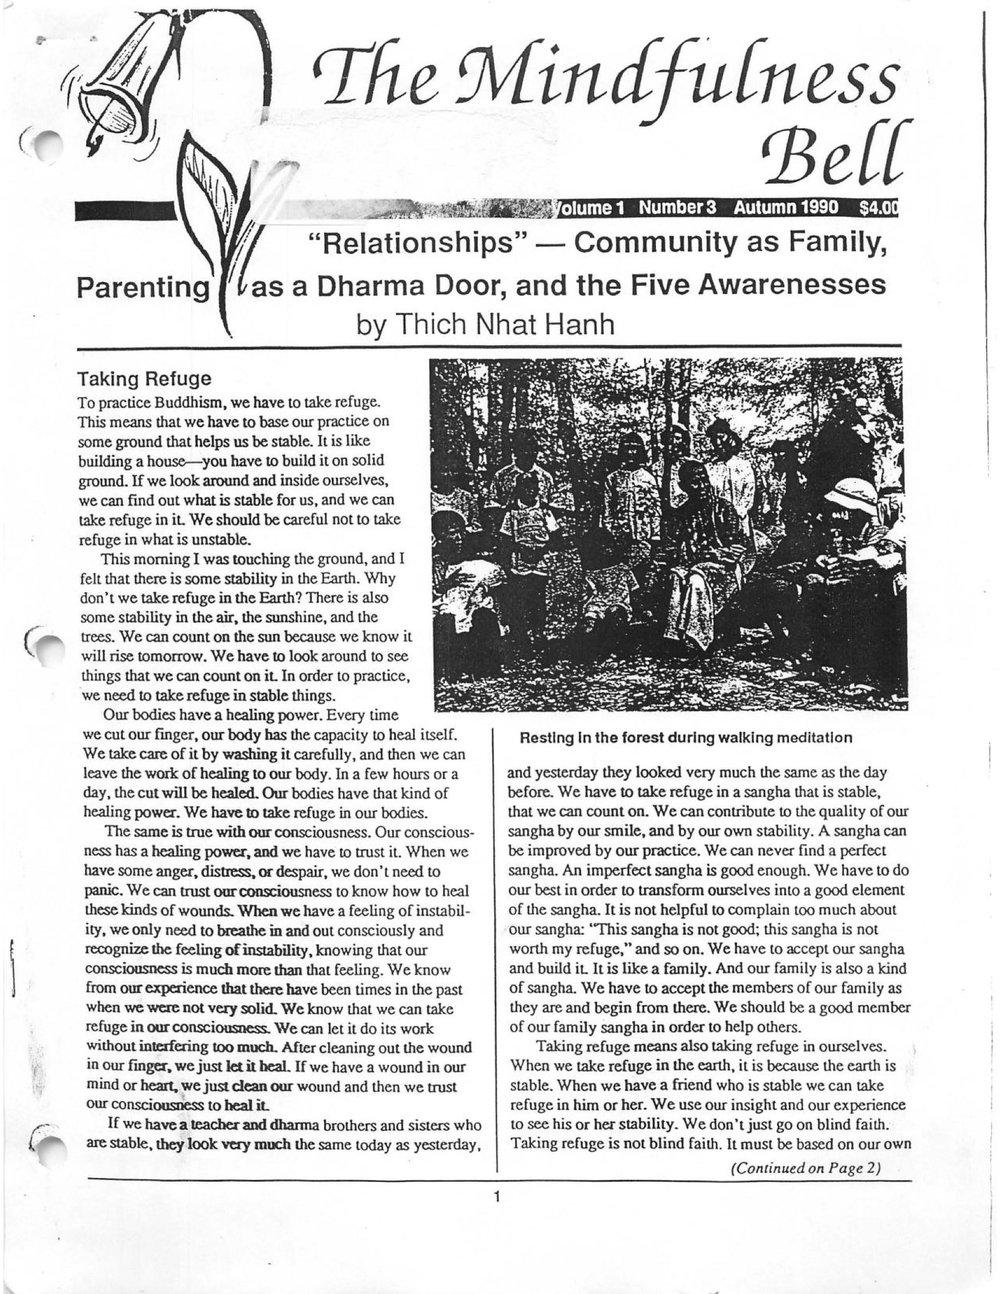 #03 1990 Autumn